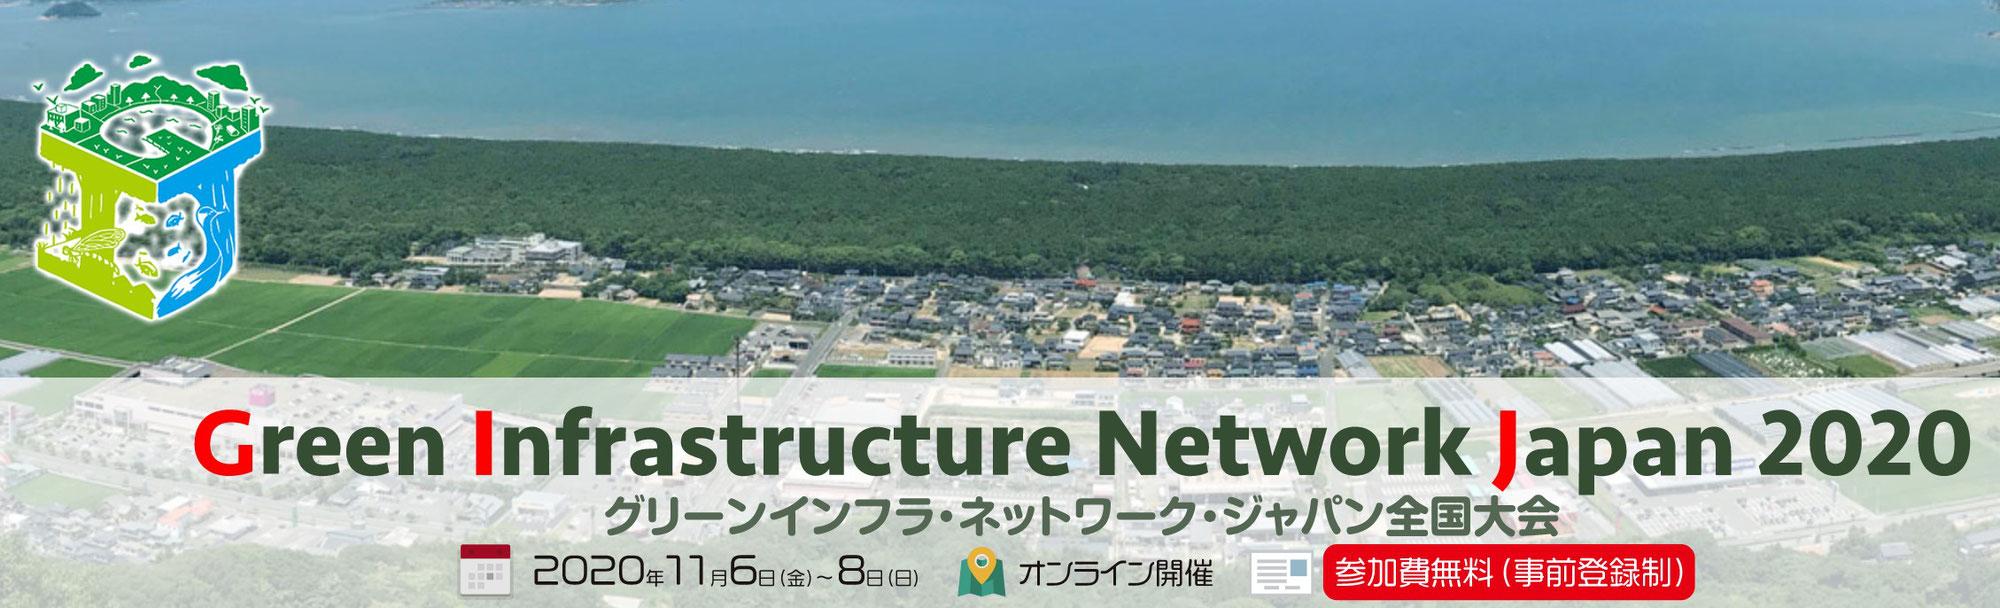 11月8日グリーンインフラ・ネットワーク・ジャパン全国大会